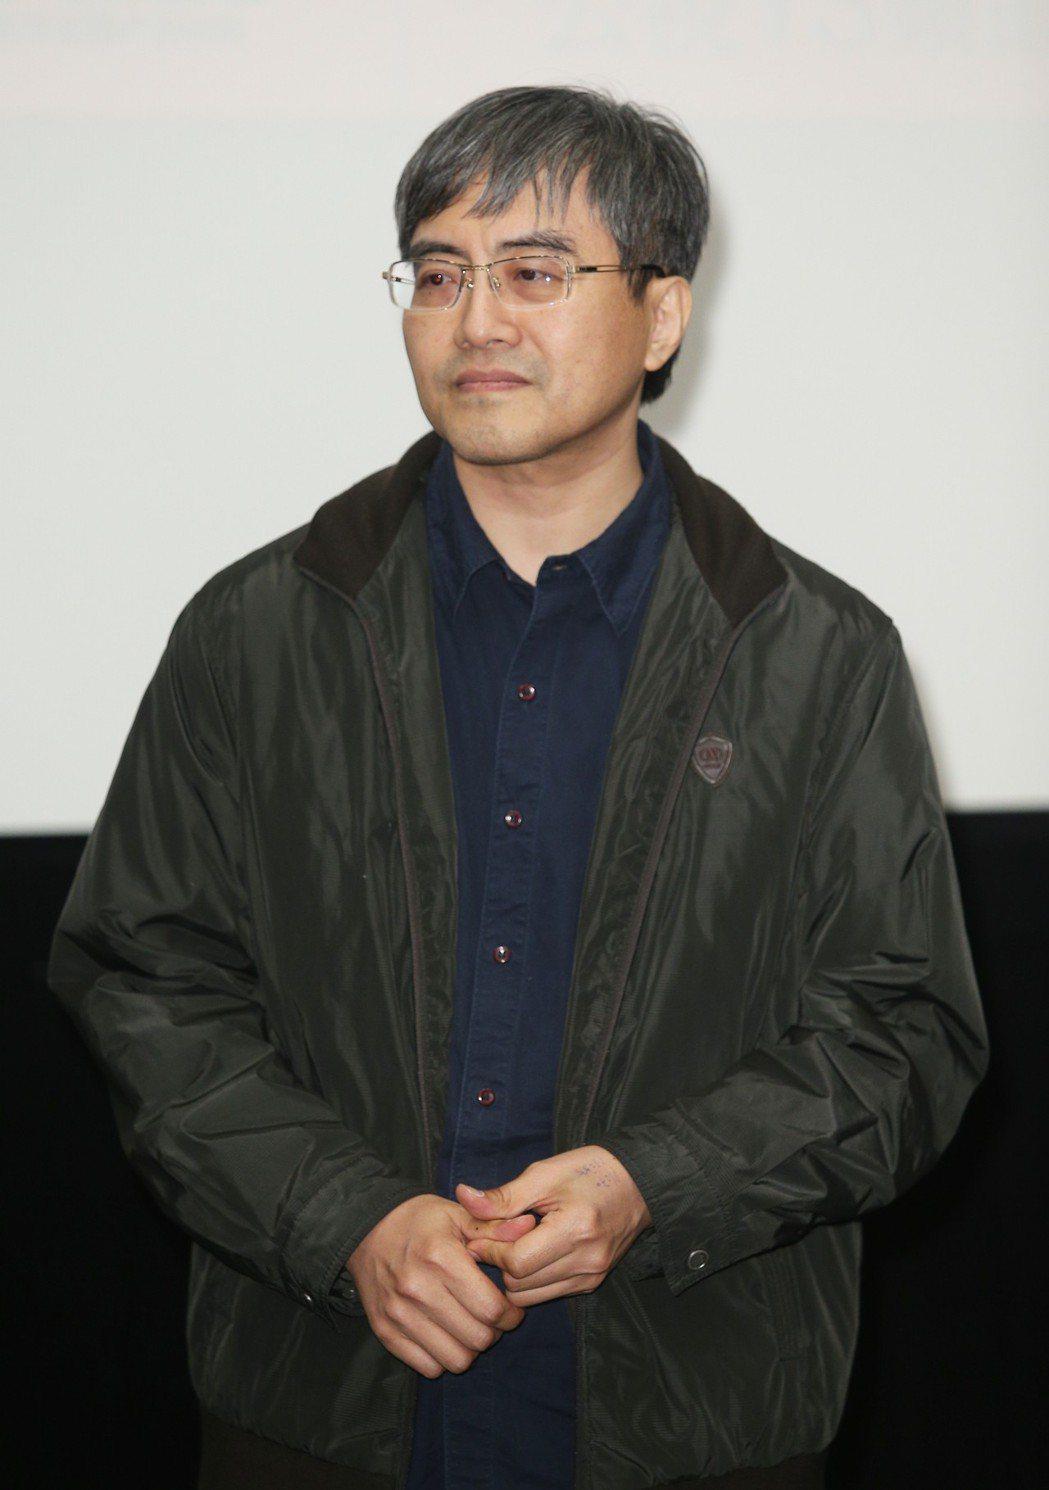 「時光台灣」紀錄短片首映會,導演林泰州出席。記者陳正興/攝影